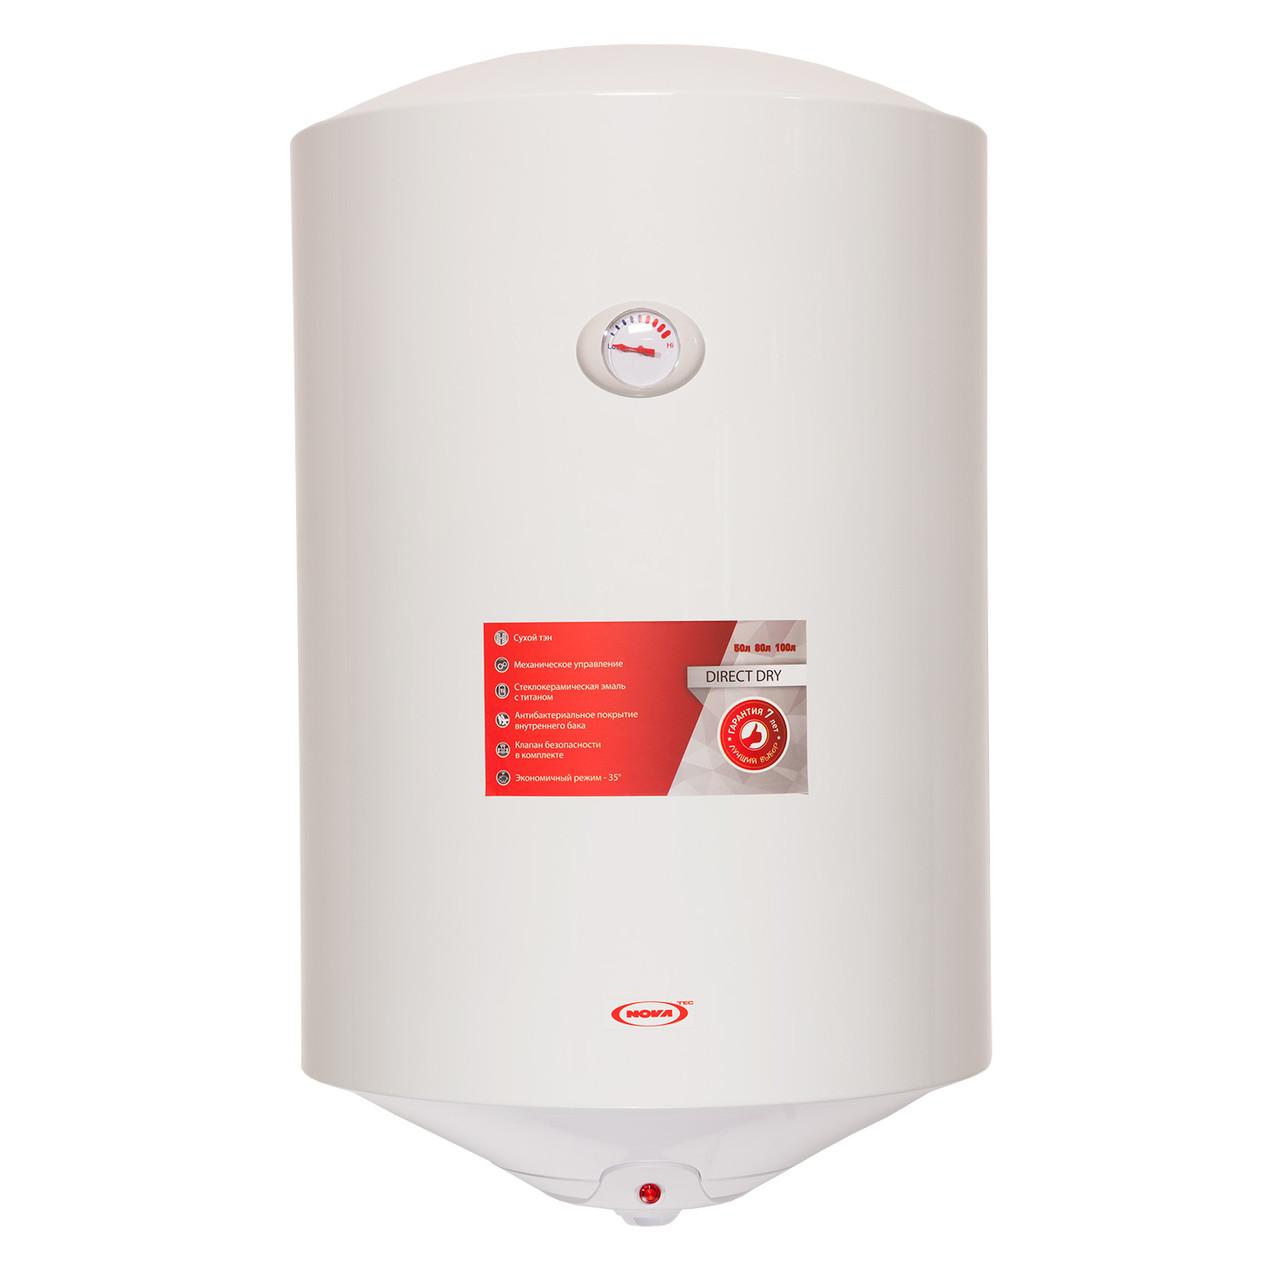 Накопительный водонагреватель  NovaTec Direct Dry 80 (сухой ТЭН + регулятор нагр.)